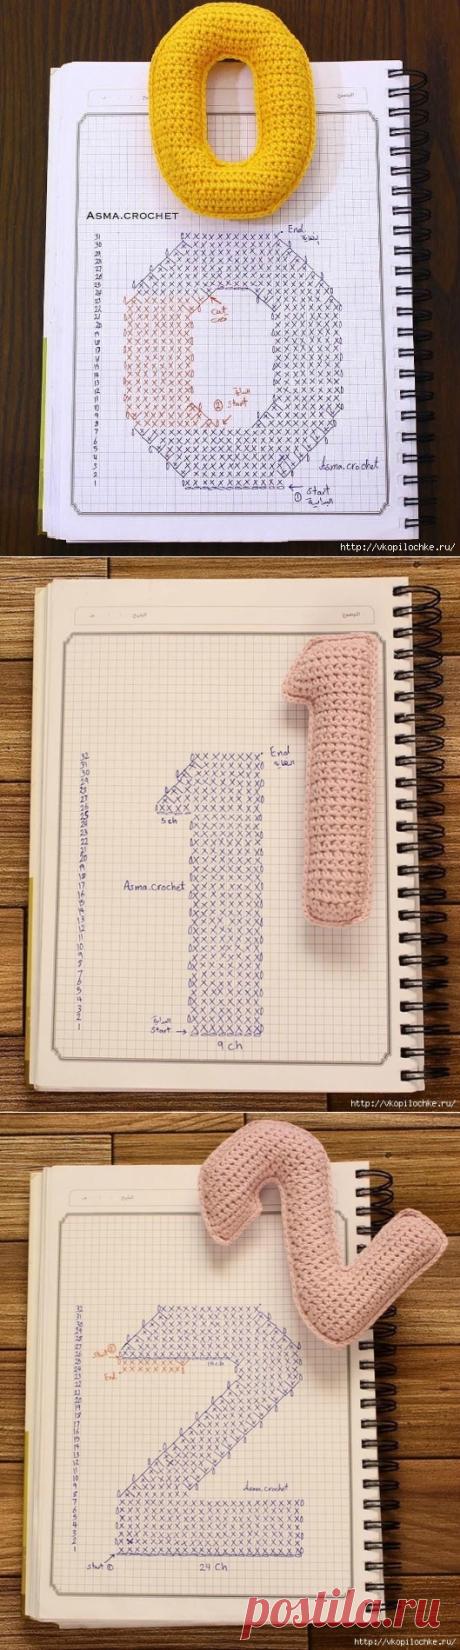 Цифры крючом - схемы.